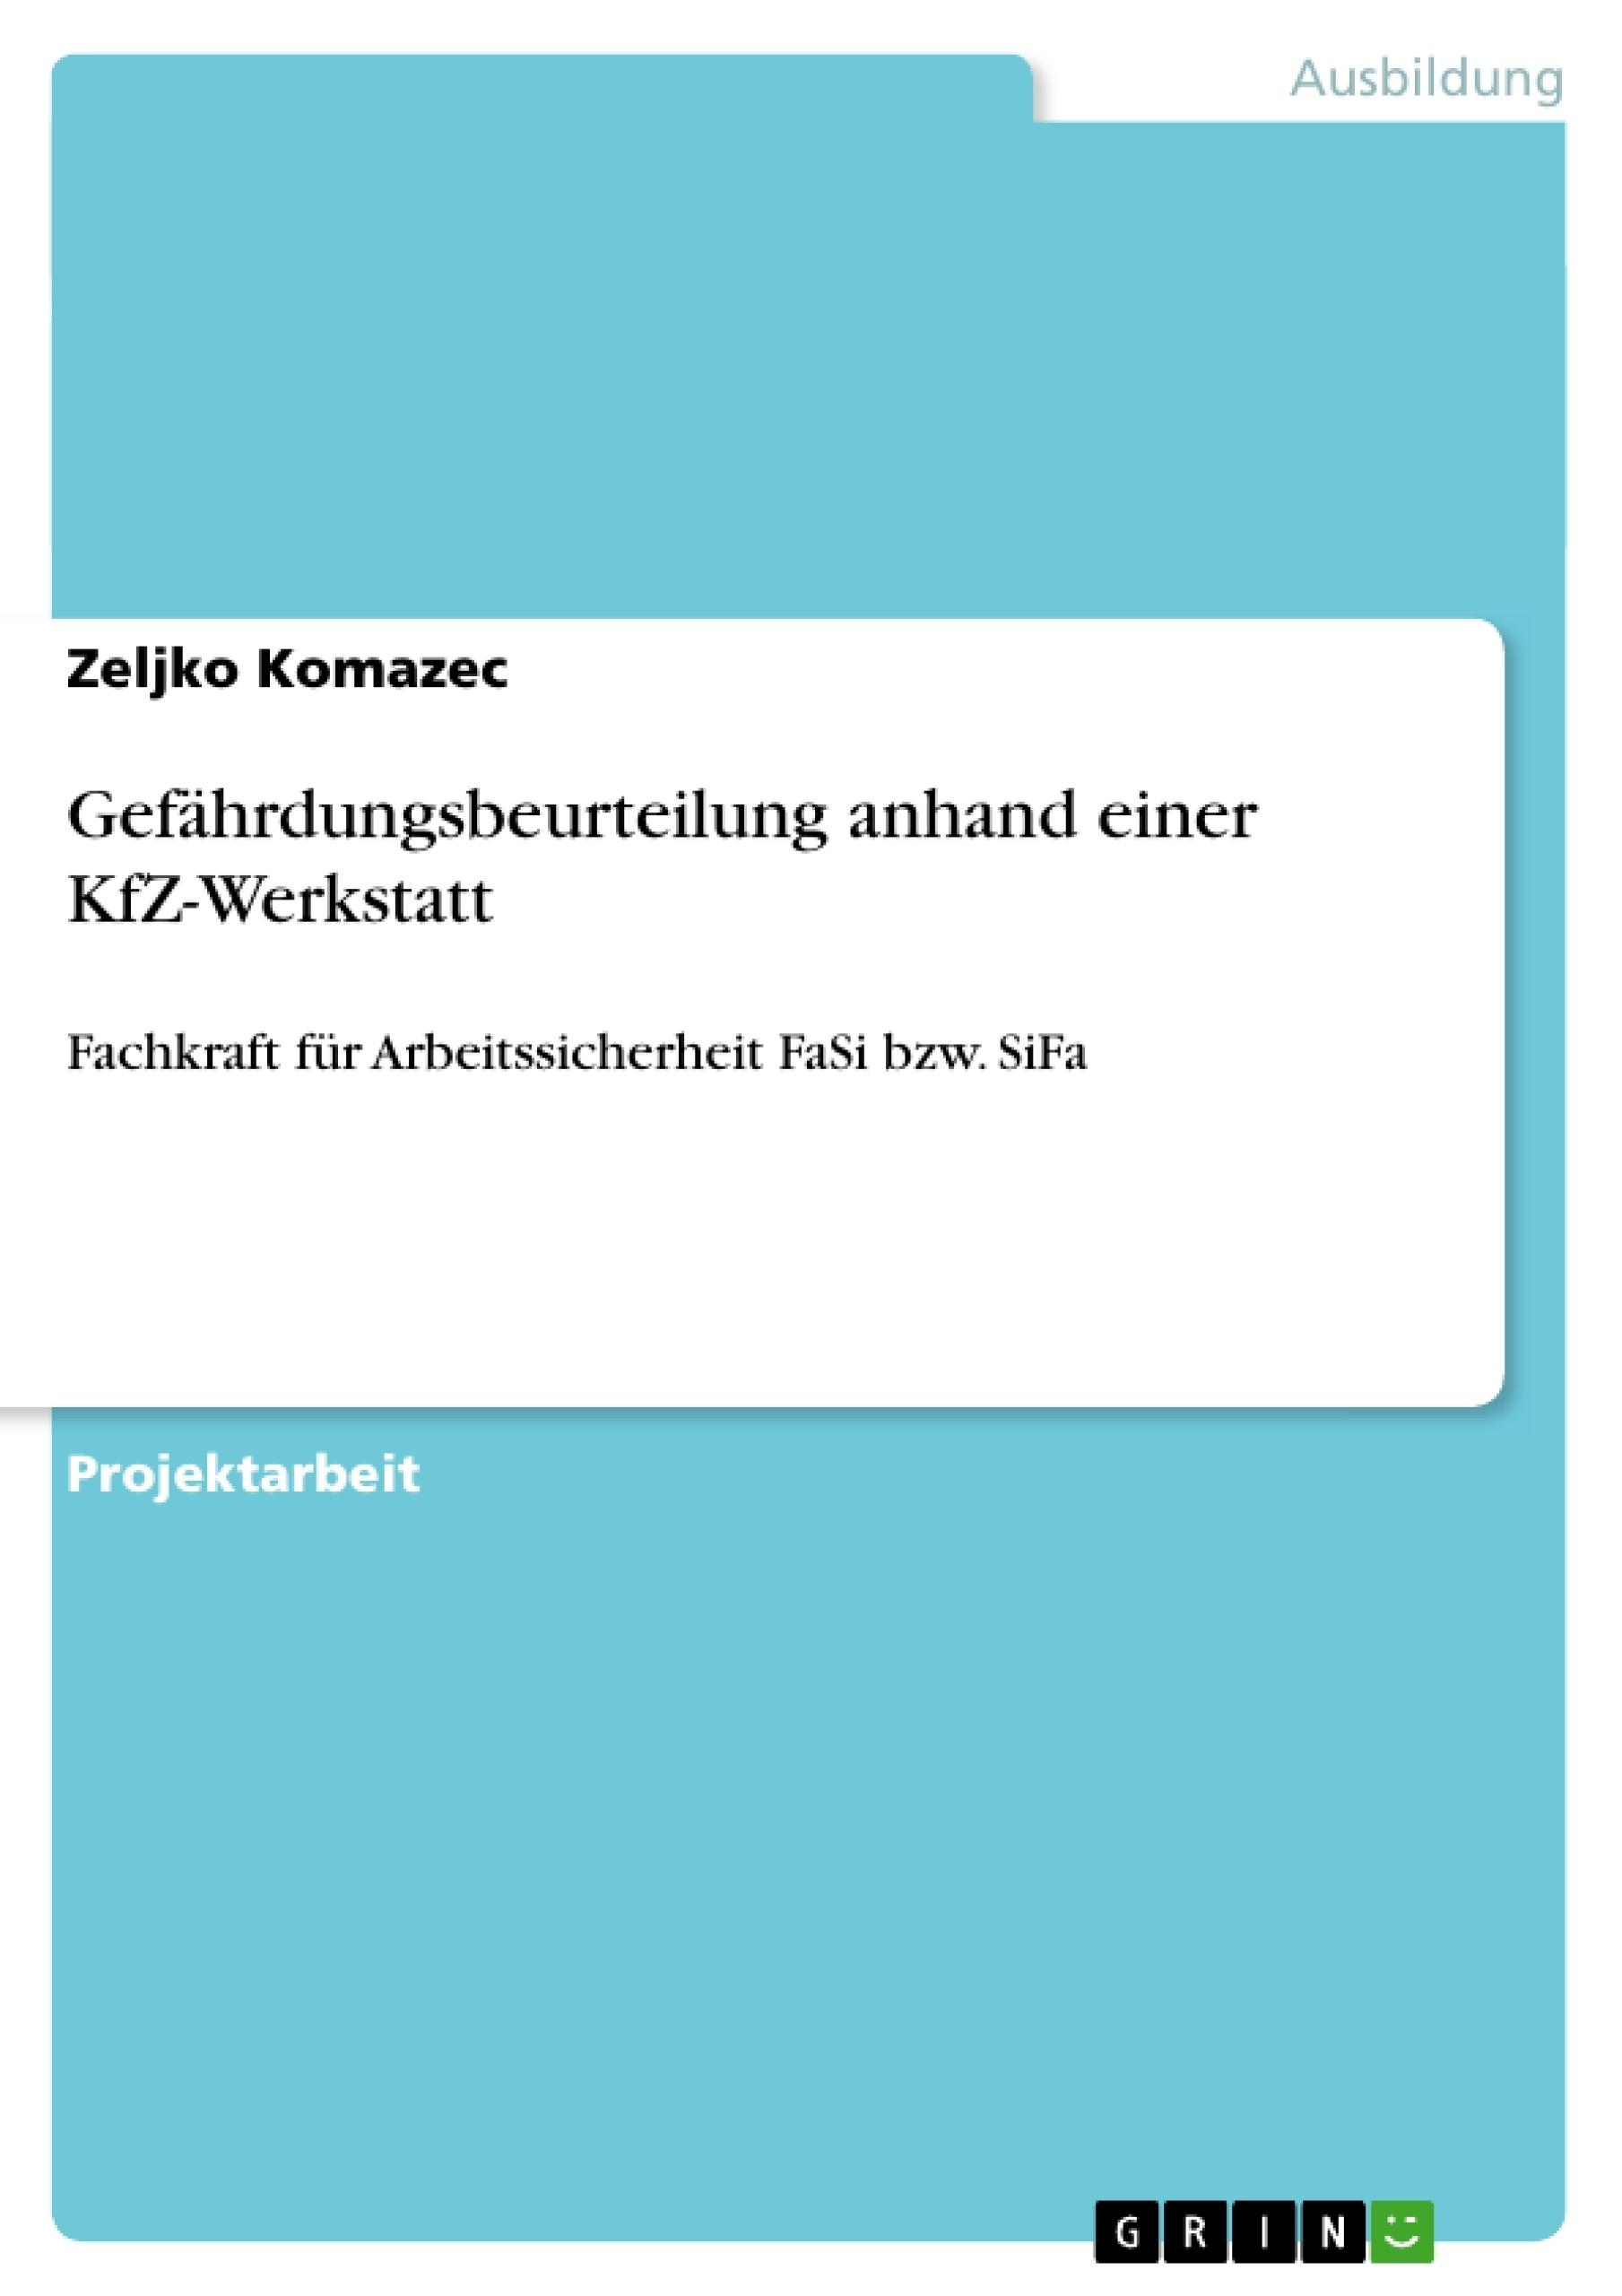 Titel: Gefährdungsbeurteilung anhand einer KfZ-Werkstatt